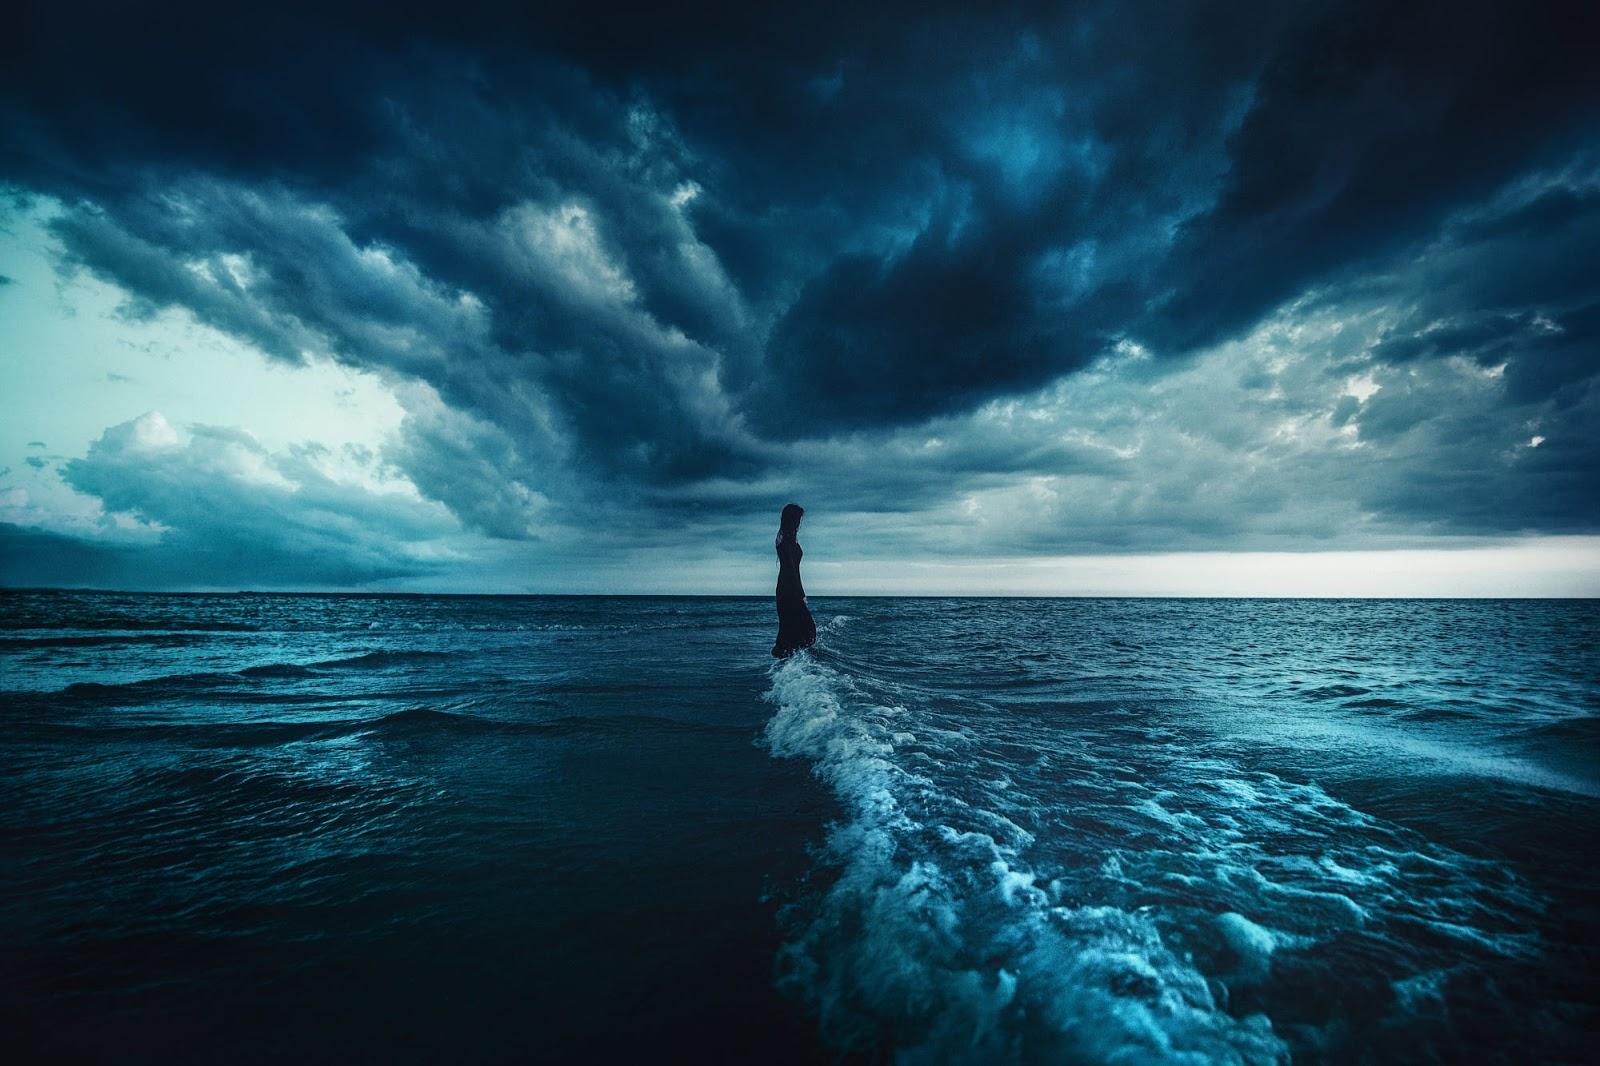 خلفيات على البحر بدقة عالية